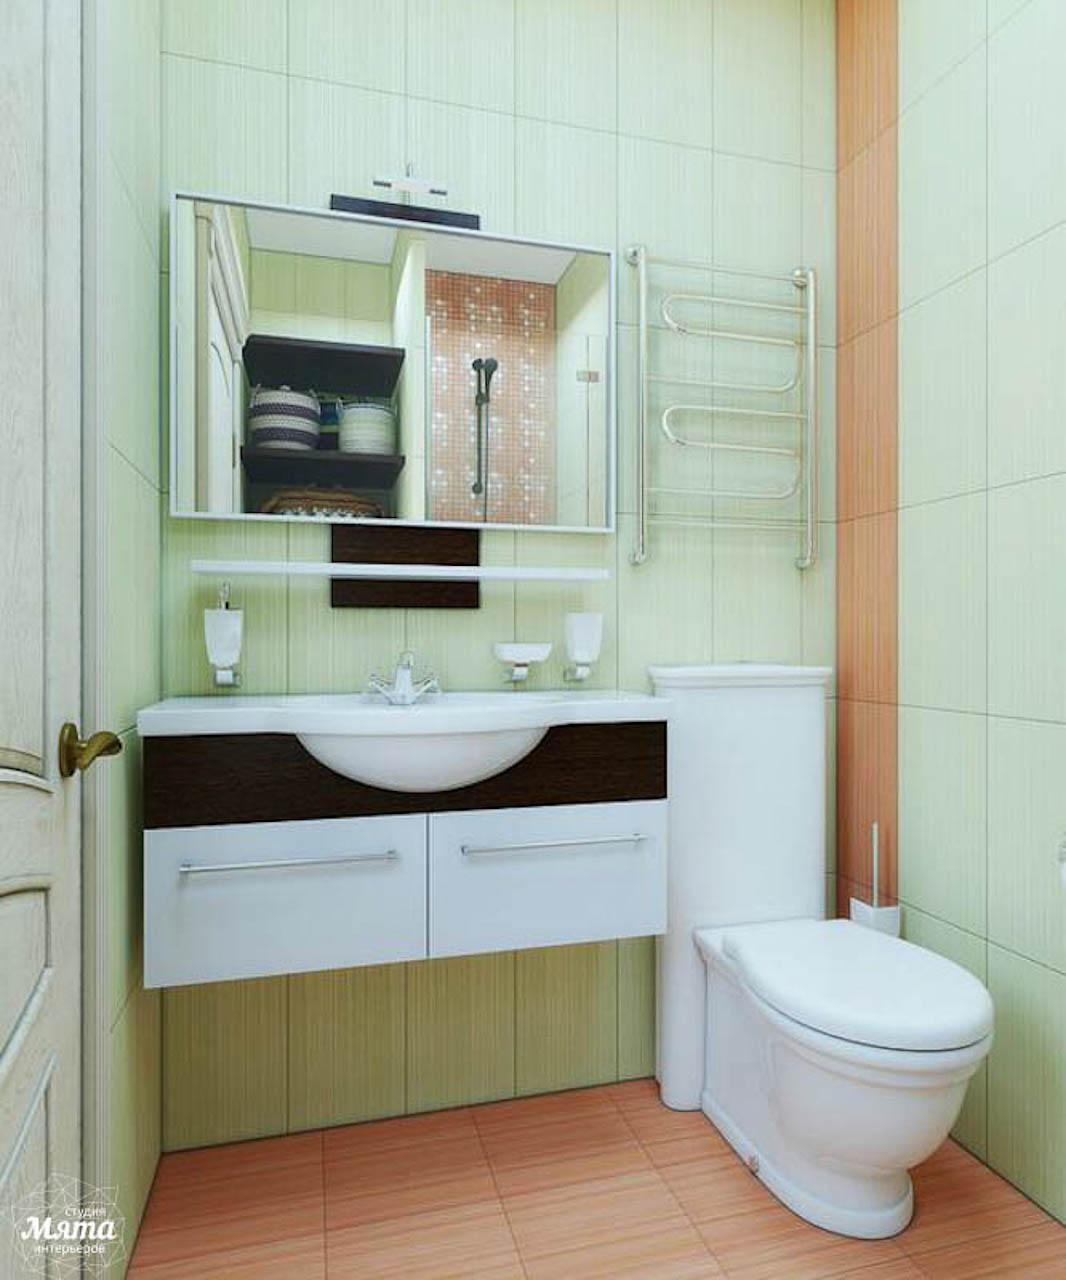 Дизайн интерьера коттеджа в п. Верхнее Дуброво img644408755